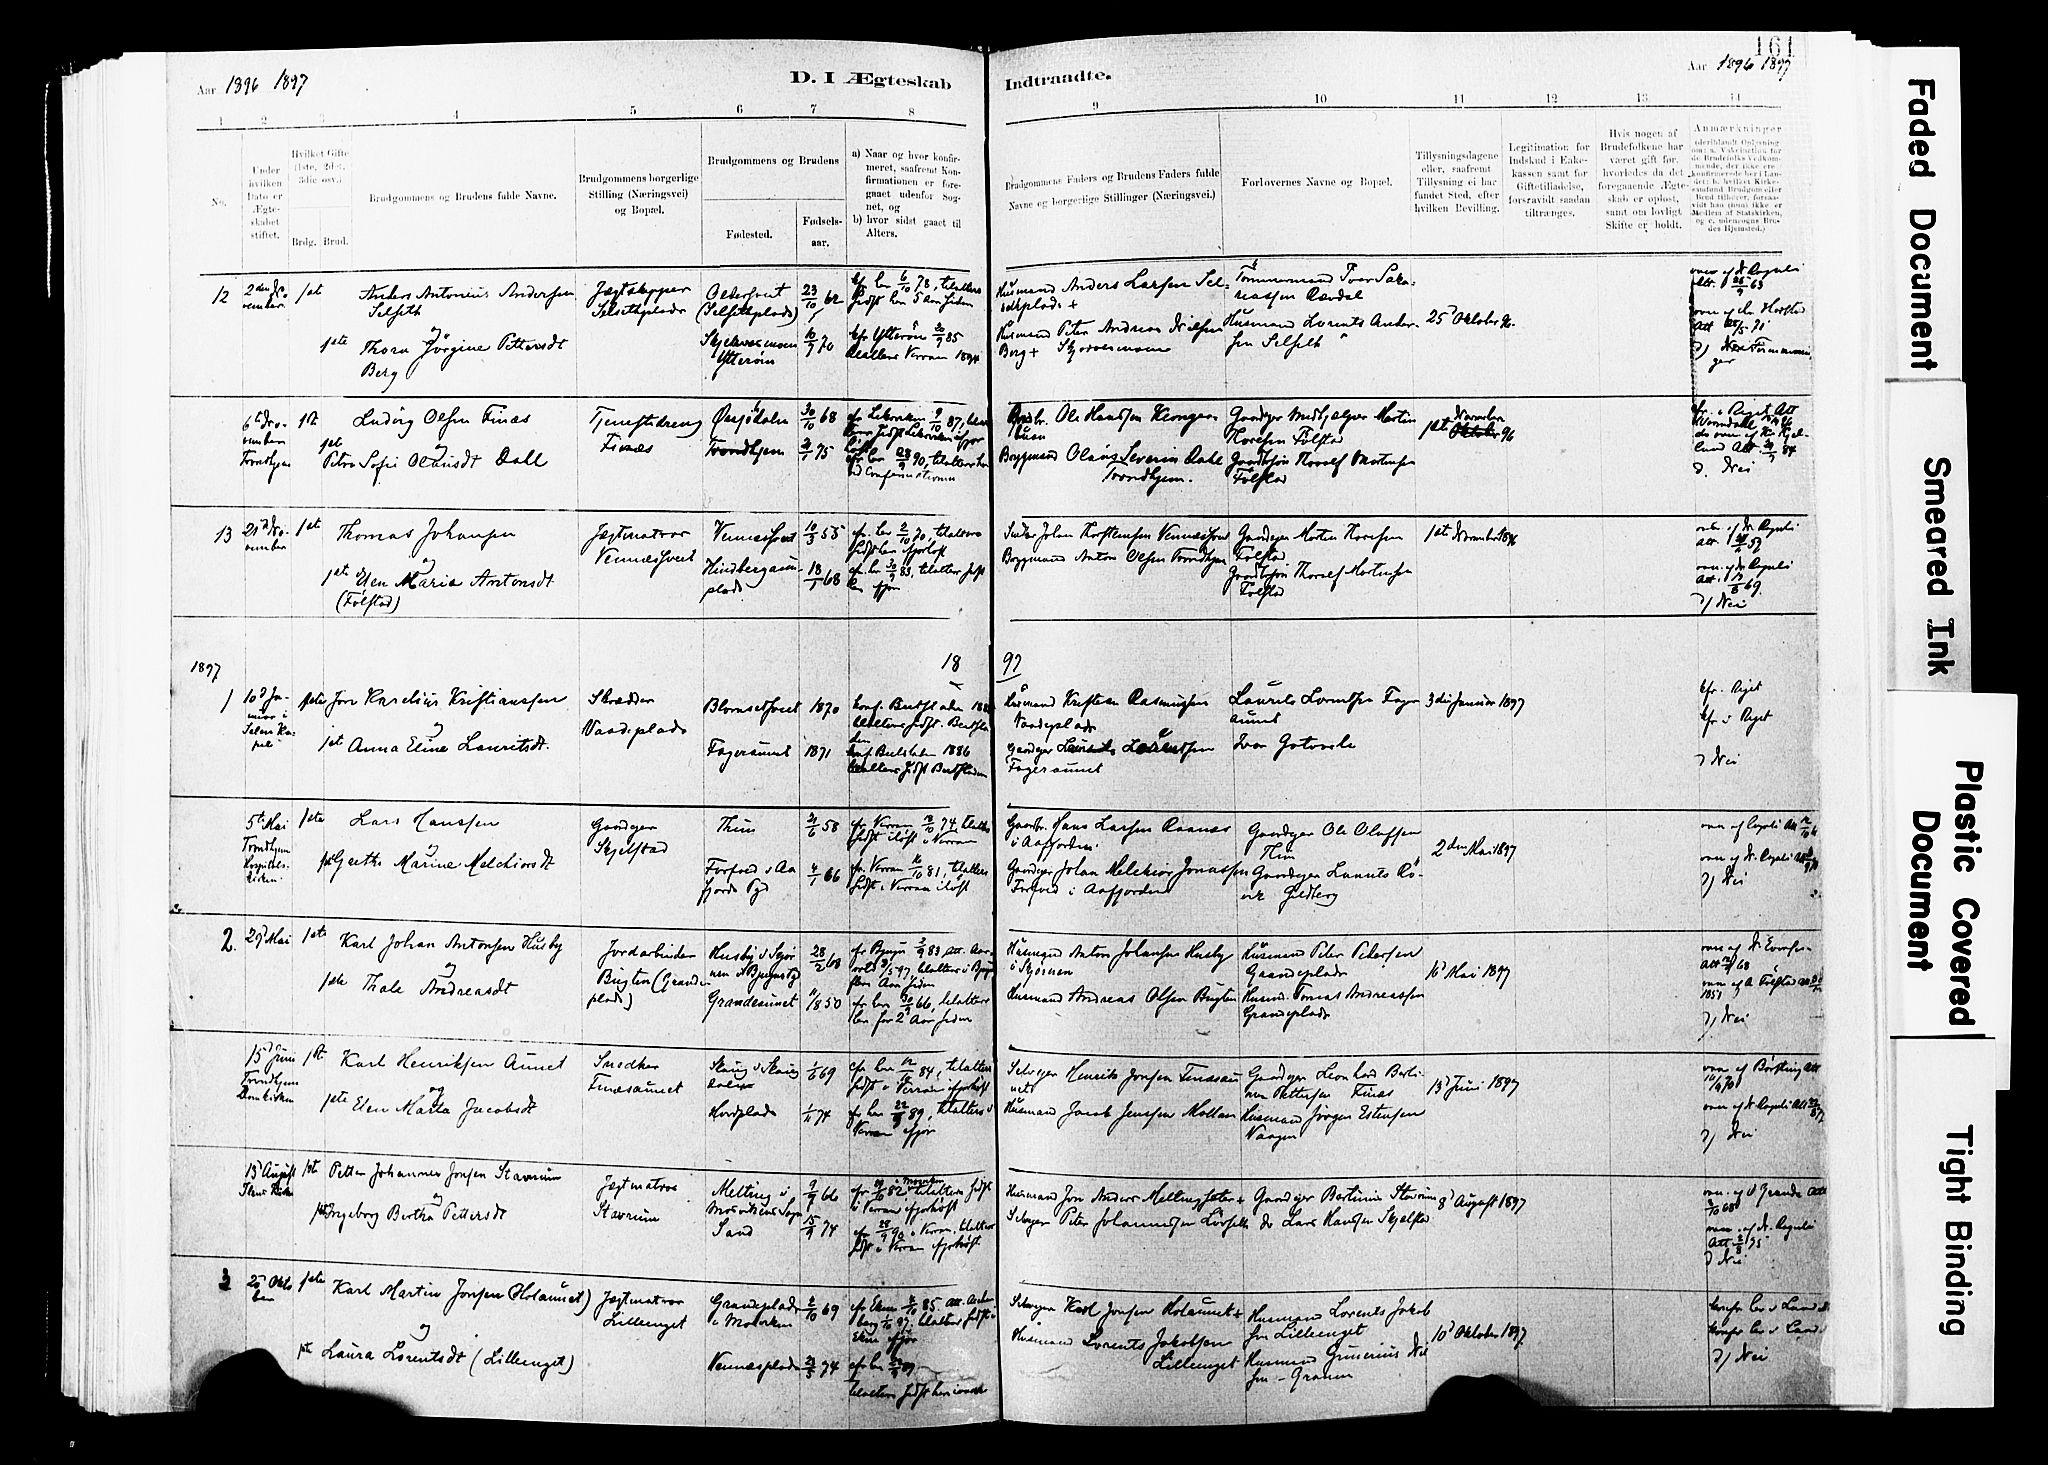 SAT, Ministerialprotokoller, klokkerbøker og fødselsregistre - Nord-Trøndelag, 744/L0420: Ministerialbok nr. 744A04, 1882-1904, s. 161